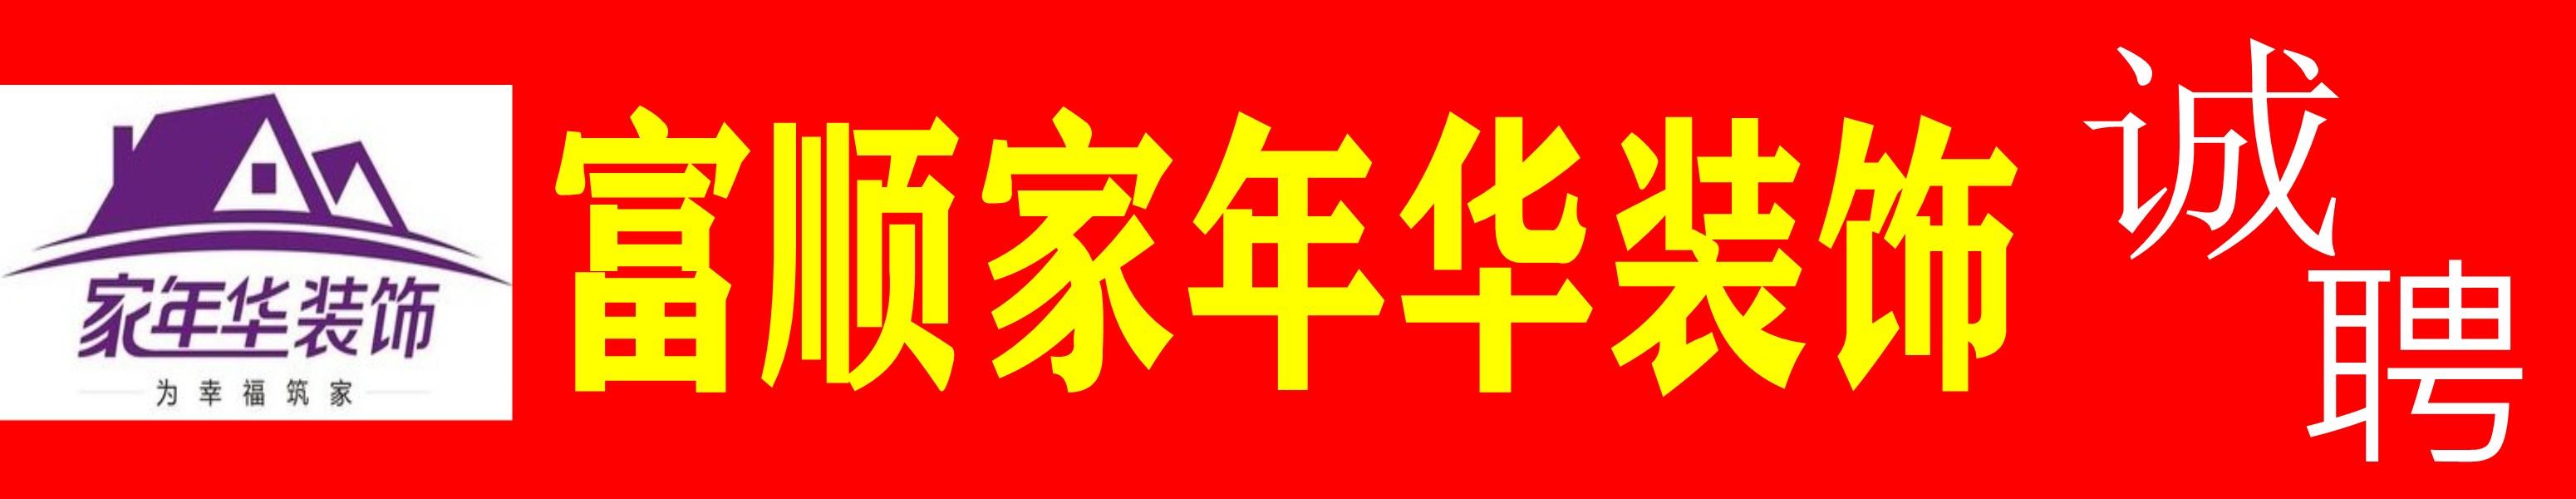 北京家年�A�b�富�分公司